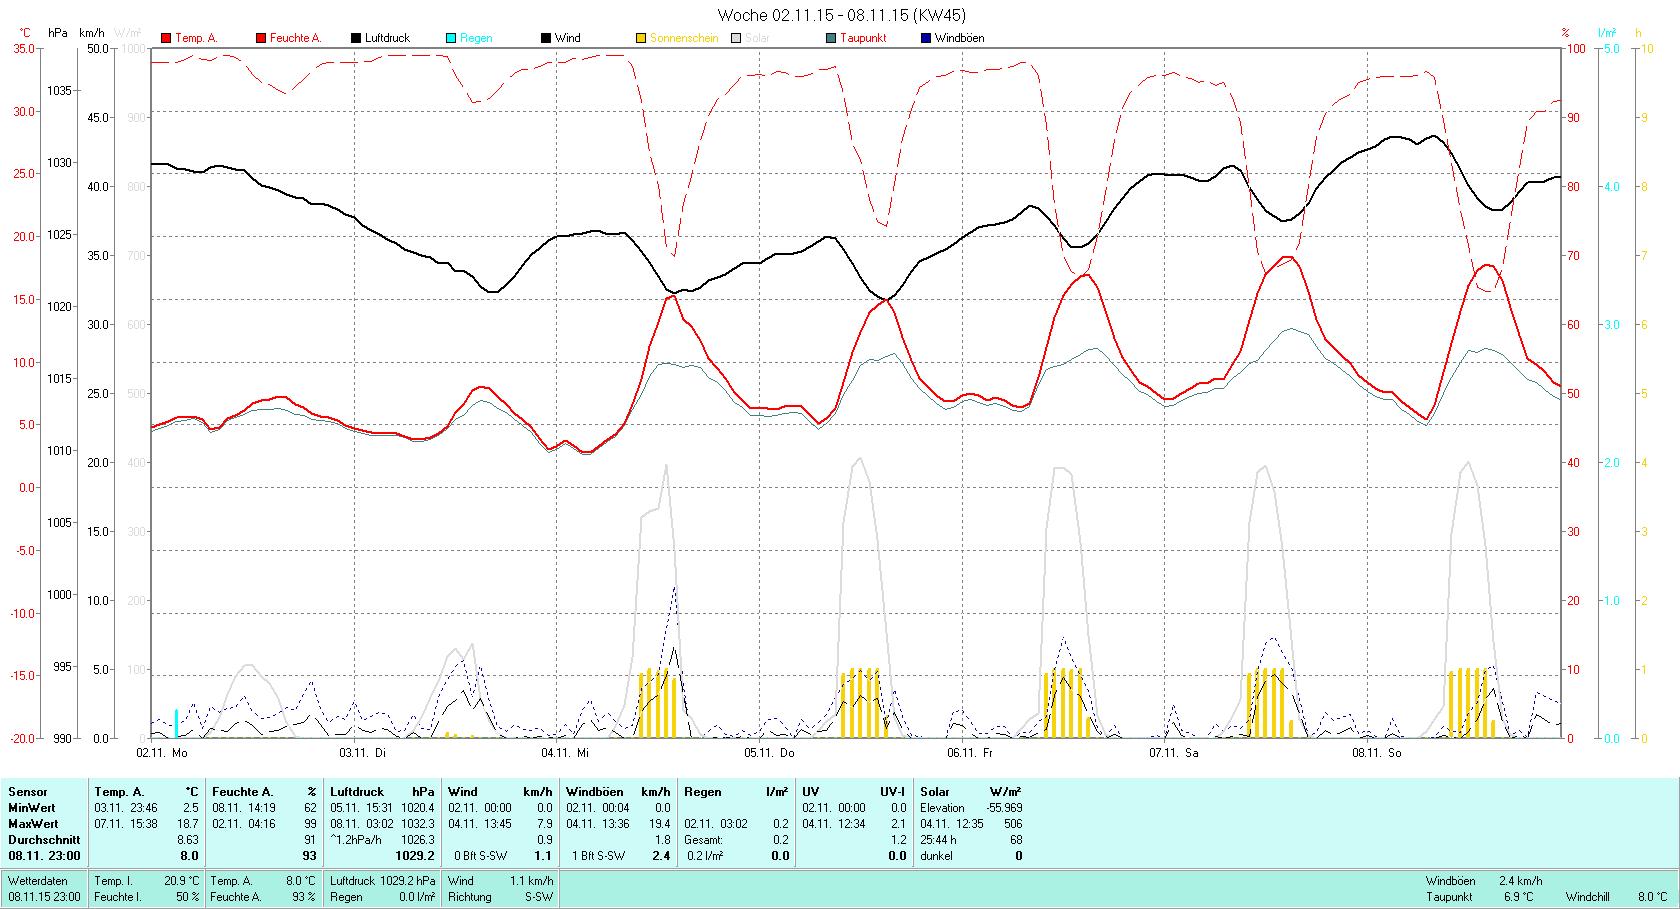 KW 45 Tmin 2.5°C, Tmax 18.7°C, Sonne 25:44h, Niederschlag 0.2mm/2